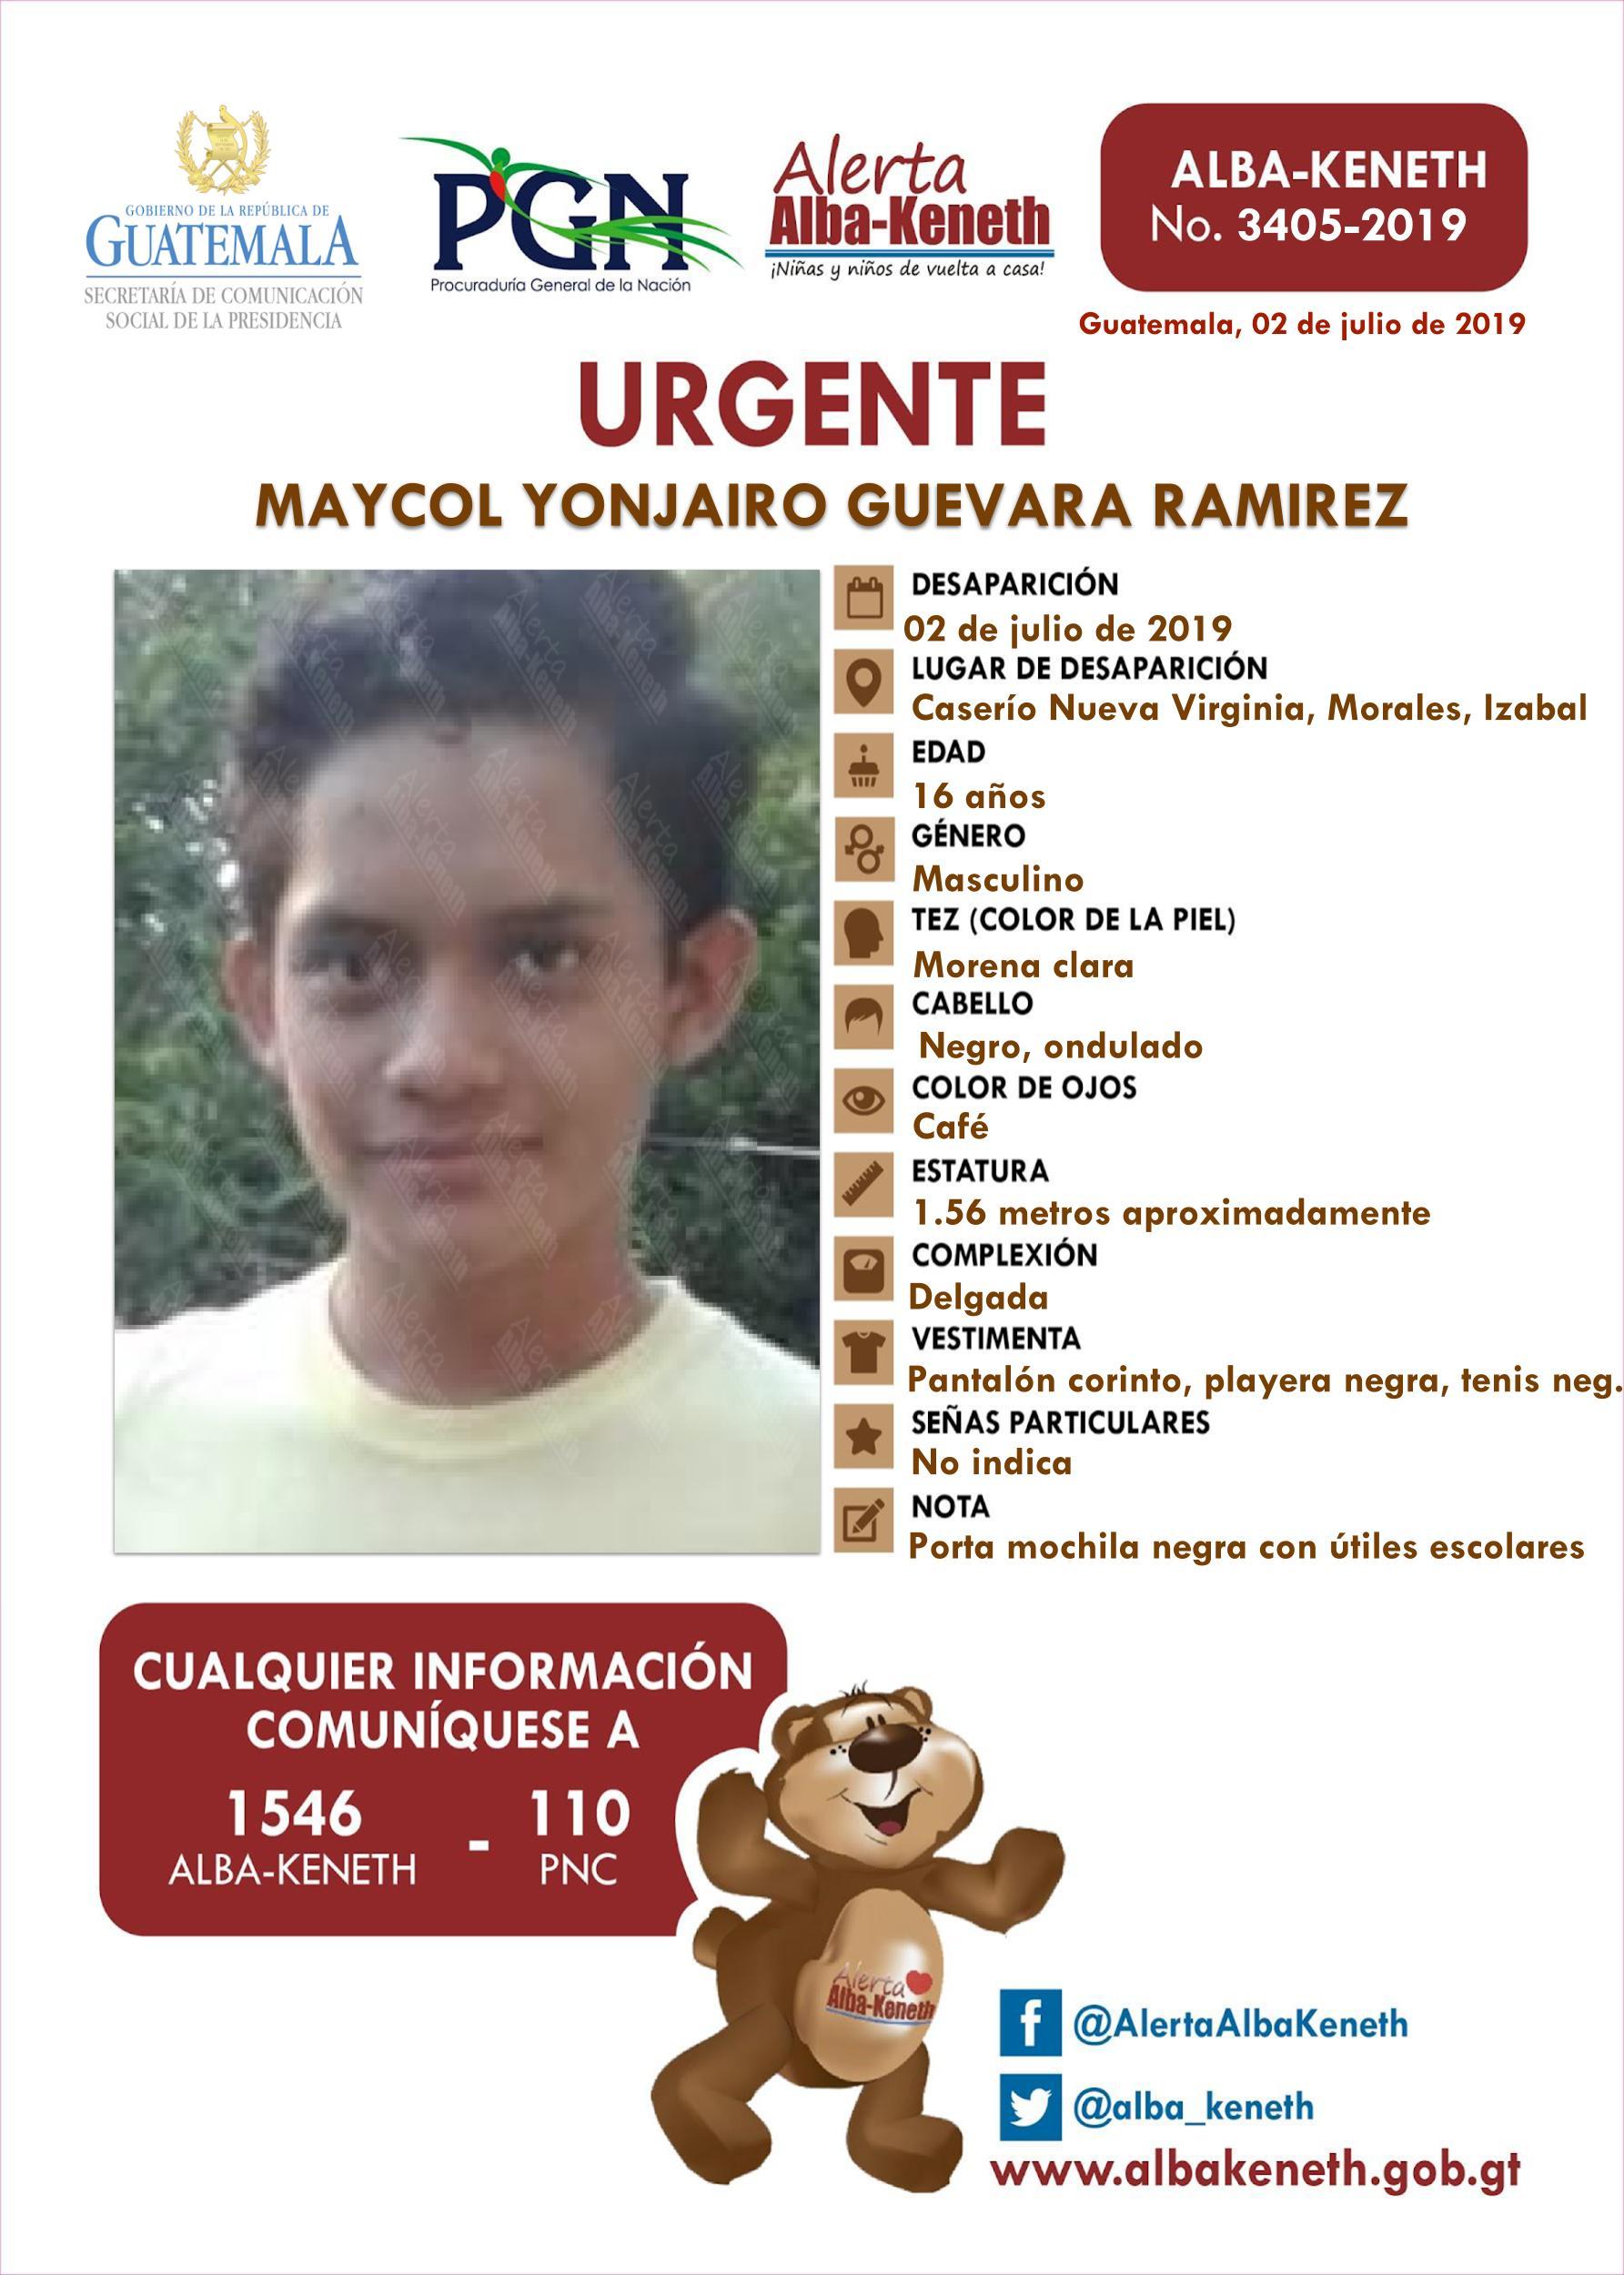 Maycol Yonjairo Guevara Ramirez